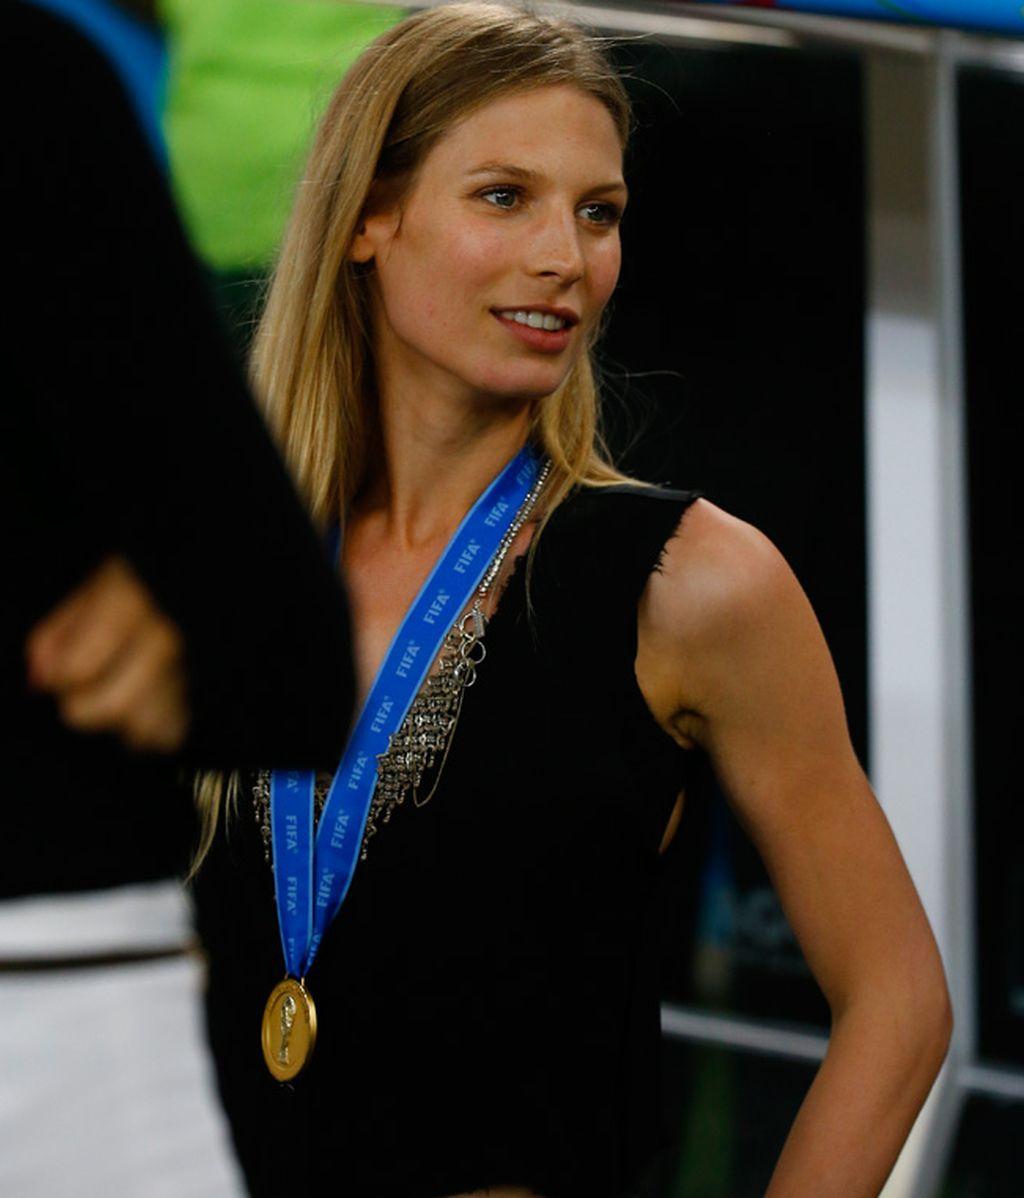 Sarah Brandner, una cara conocida en Alemania es la novia de Bastian Schweinsteiger